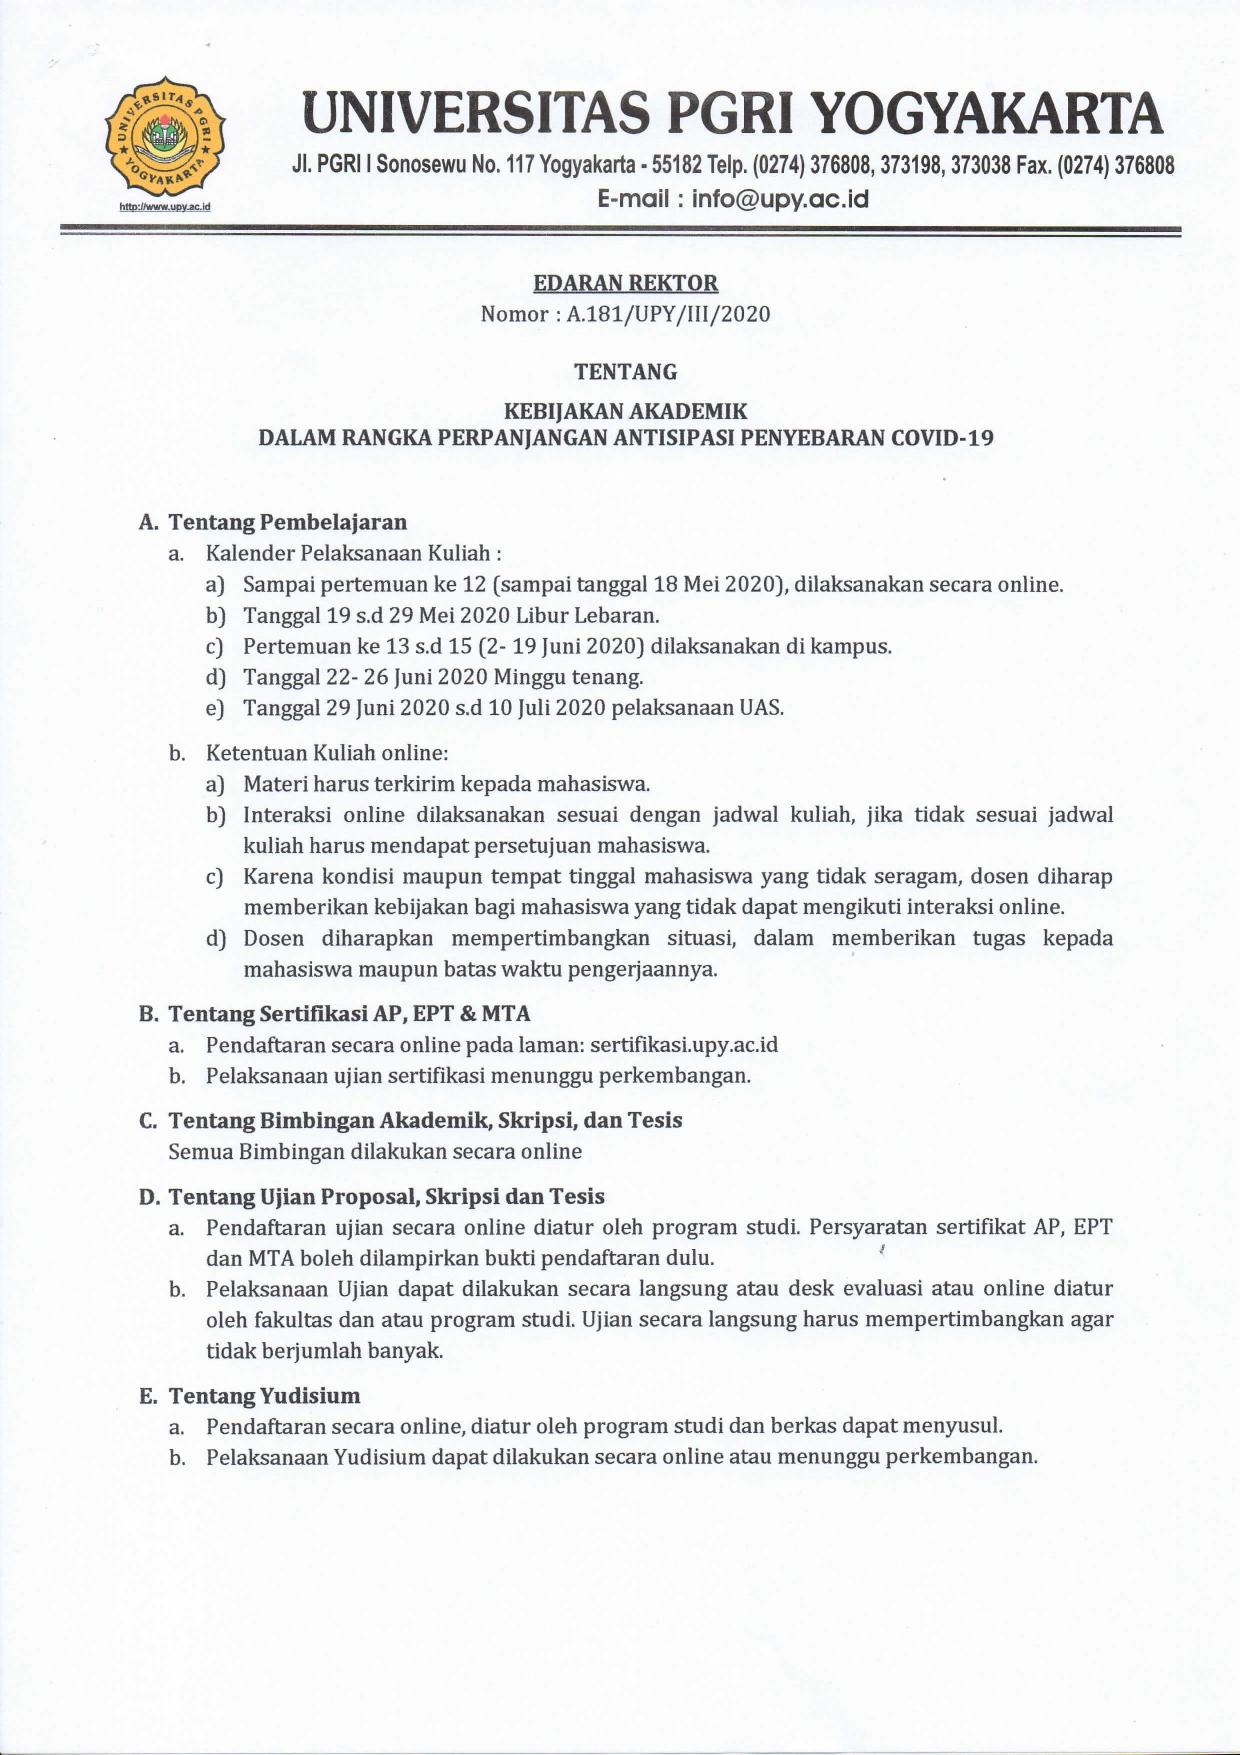 PENGUMUMAN KEBIJAKAN AKADEMIK DALAM RANGKA PERPANJANG ANTISIPASI PENYEBARAN COVID -19 DI UNIVERSITAS PGRI YOGYAKARTA